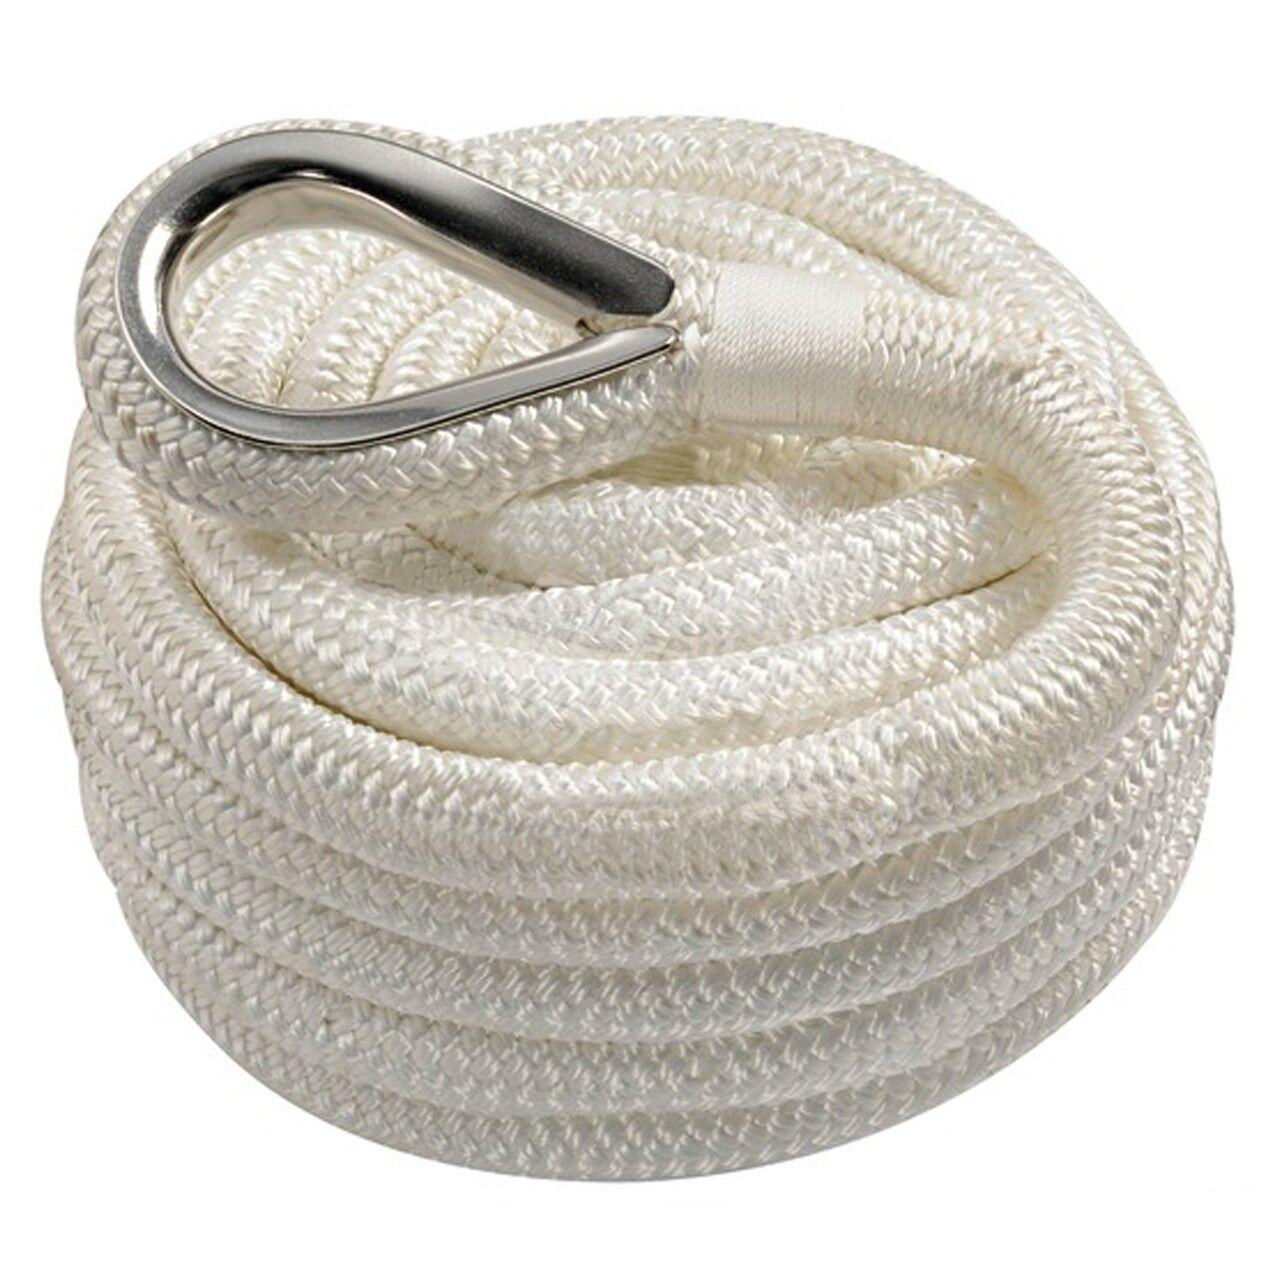 Osculati mit Polyester Festmacherleine weiß mit Osculati Kausche Auge versch. Größen Seil Tau ddf5c5